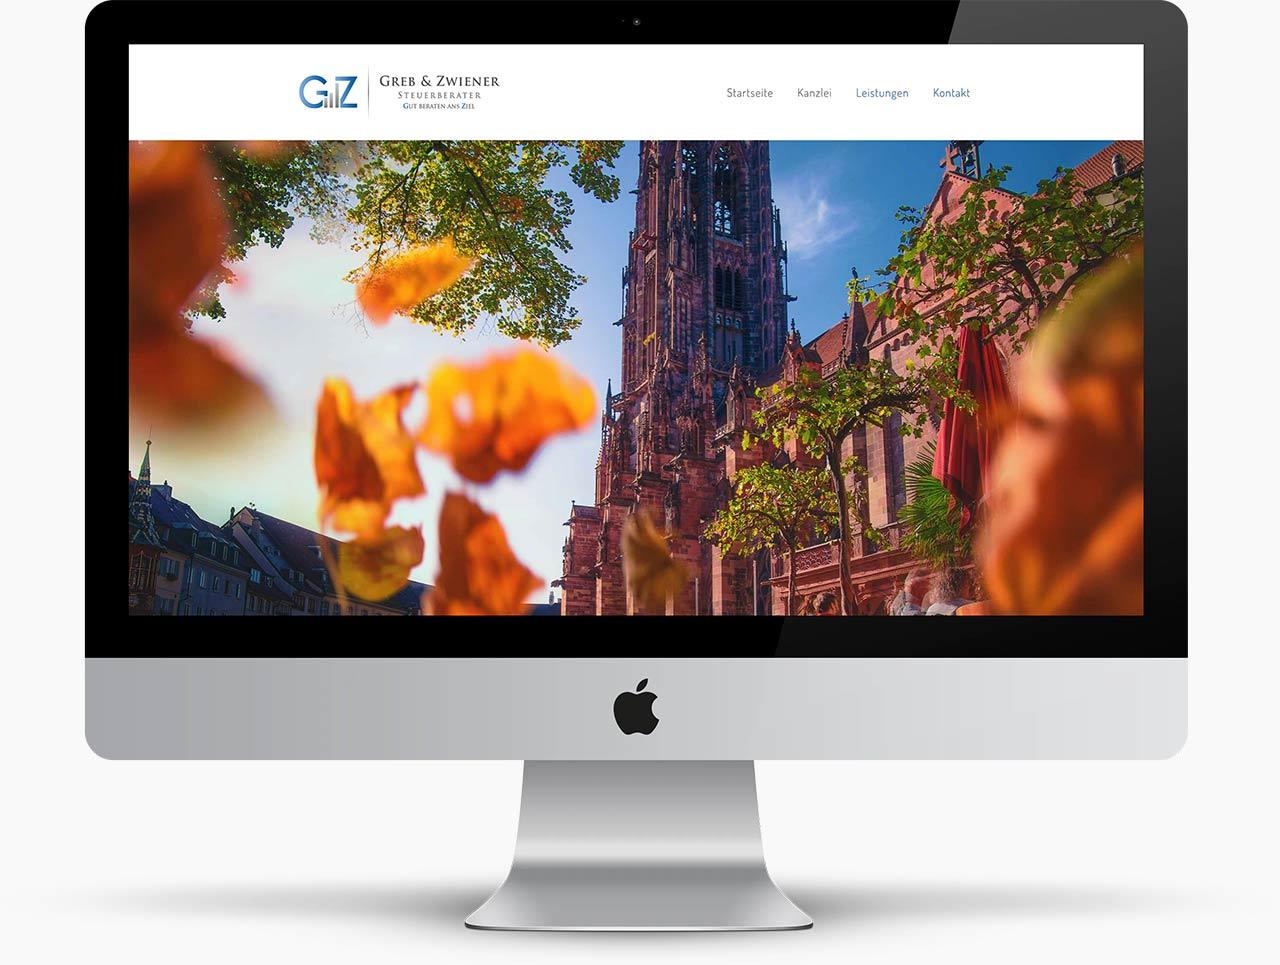 Webdesign Freiburger Steuerberater Greb & Zwiener